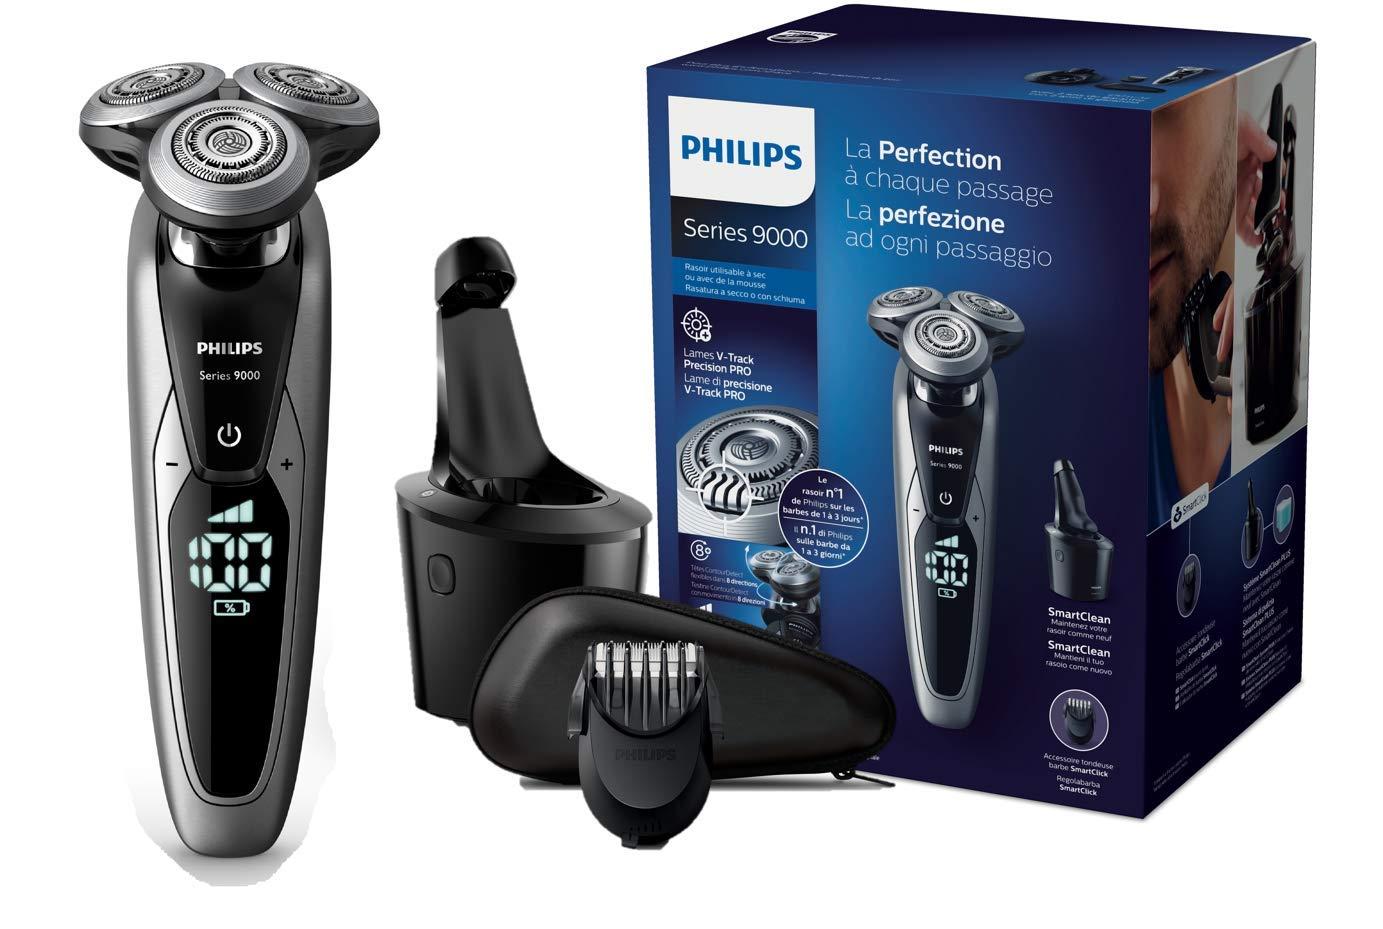 Philips Serie 9000 S9711/32 - Máquina de afeitar con cabezales de 8 direcciones, seco/húmedo, 3 modos y sistema de limpieza SmartClean, incluye perfilador de barba y funda de viaje, plata product image